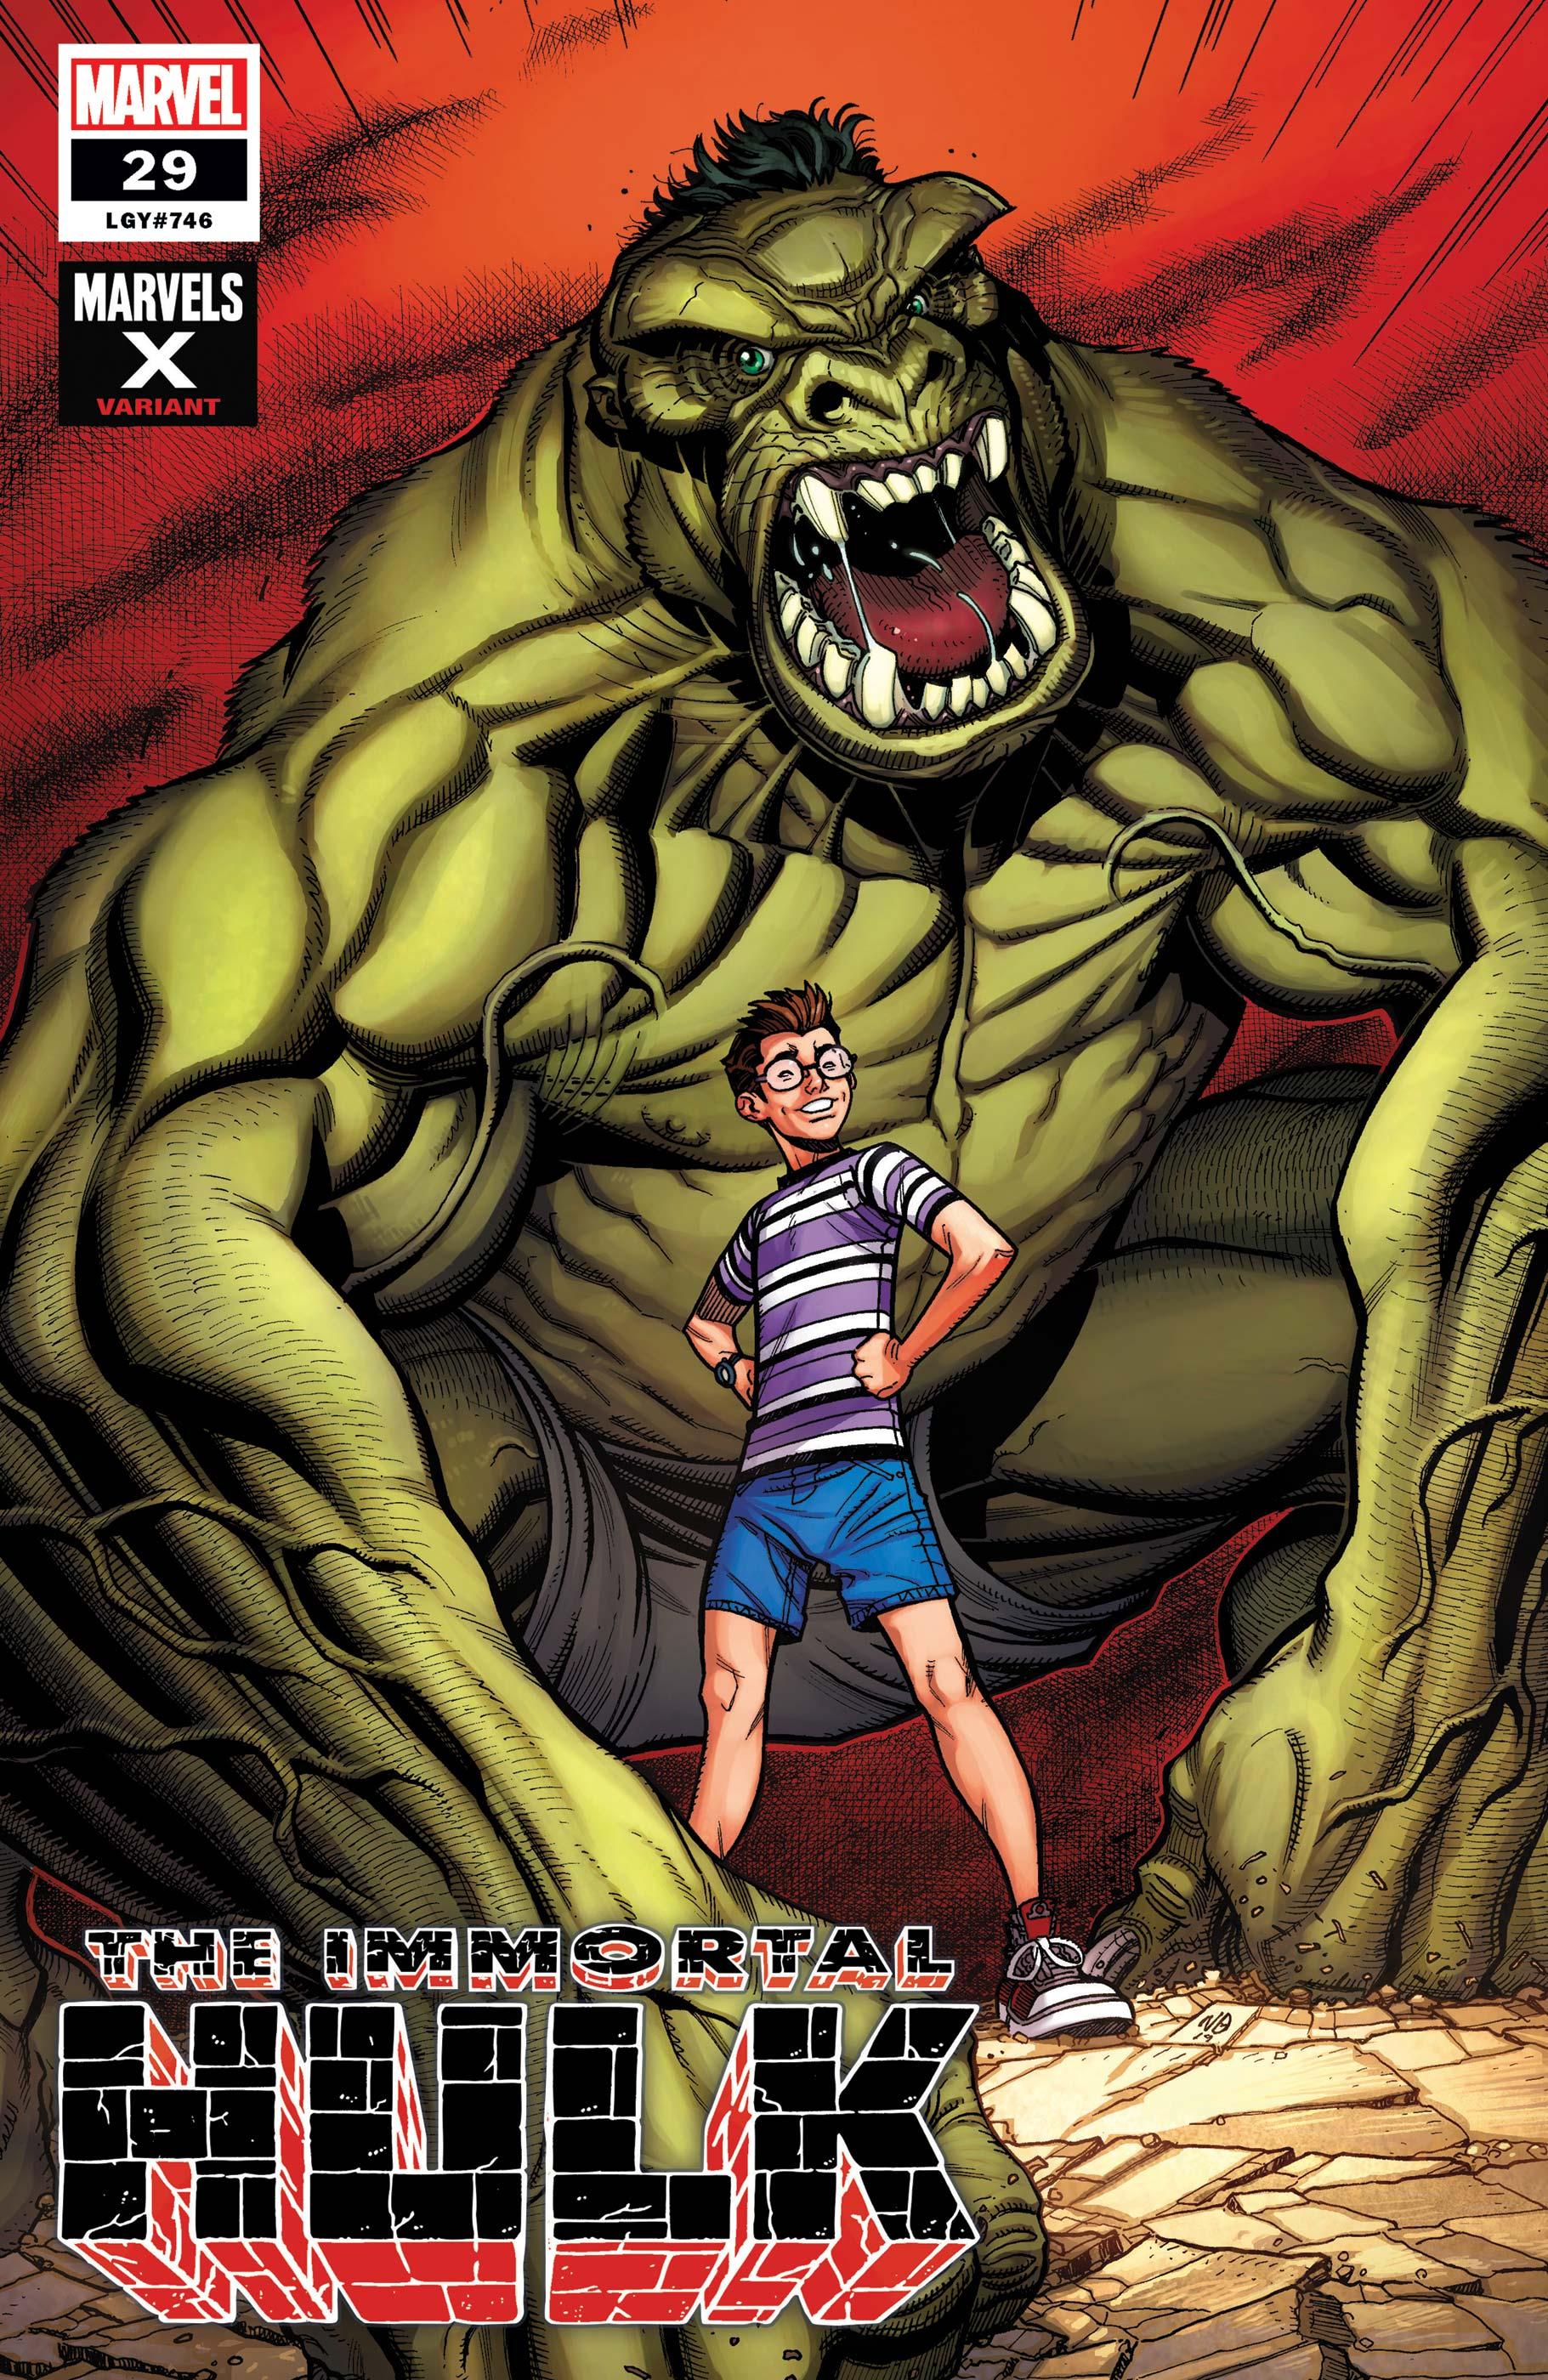 Immortal Hulk (2018) #29 (Variant)